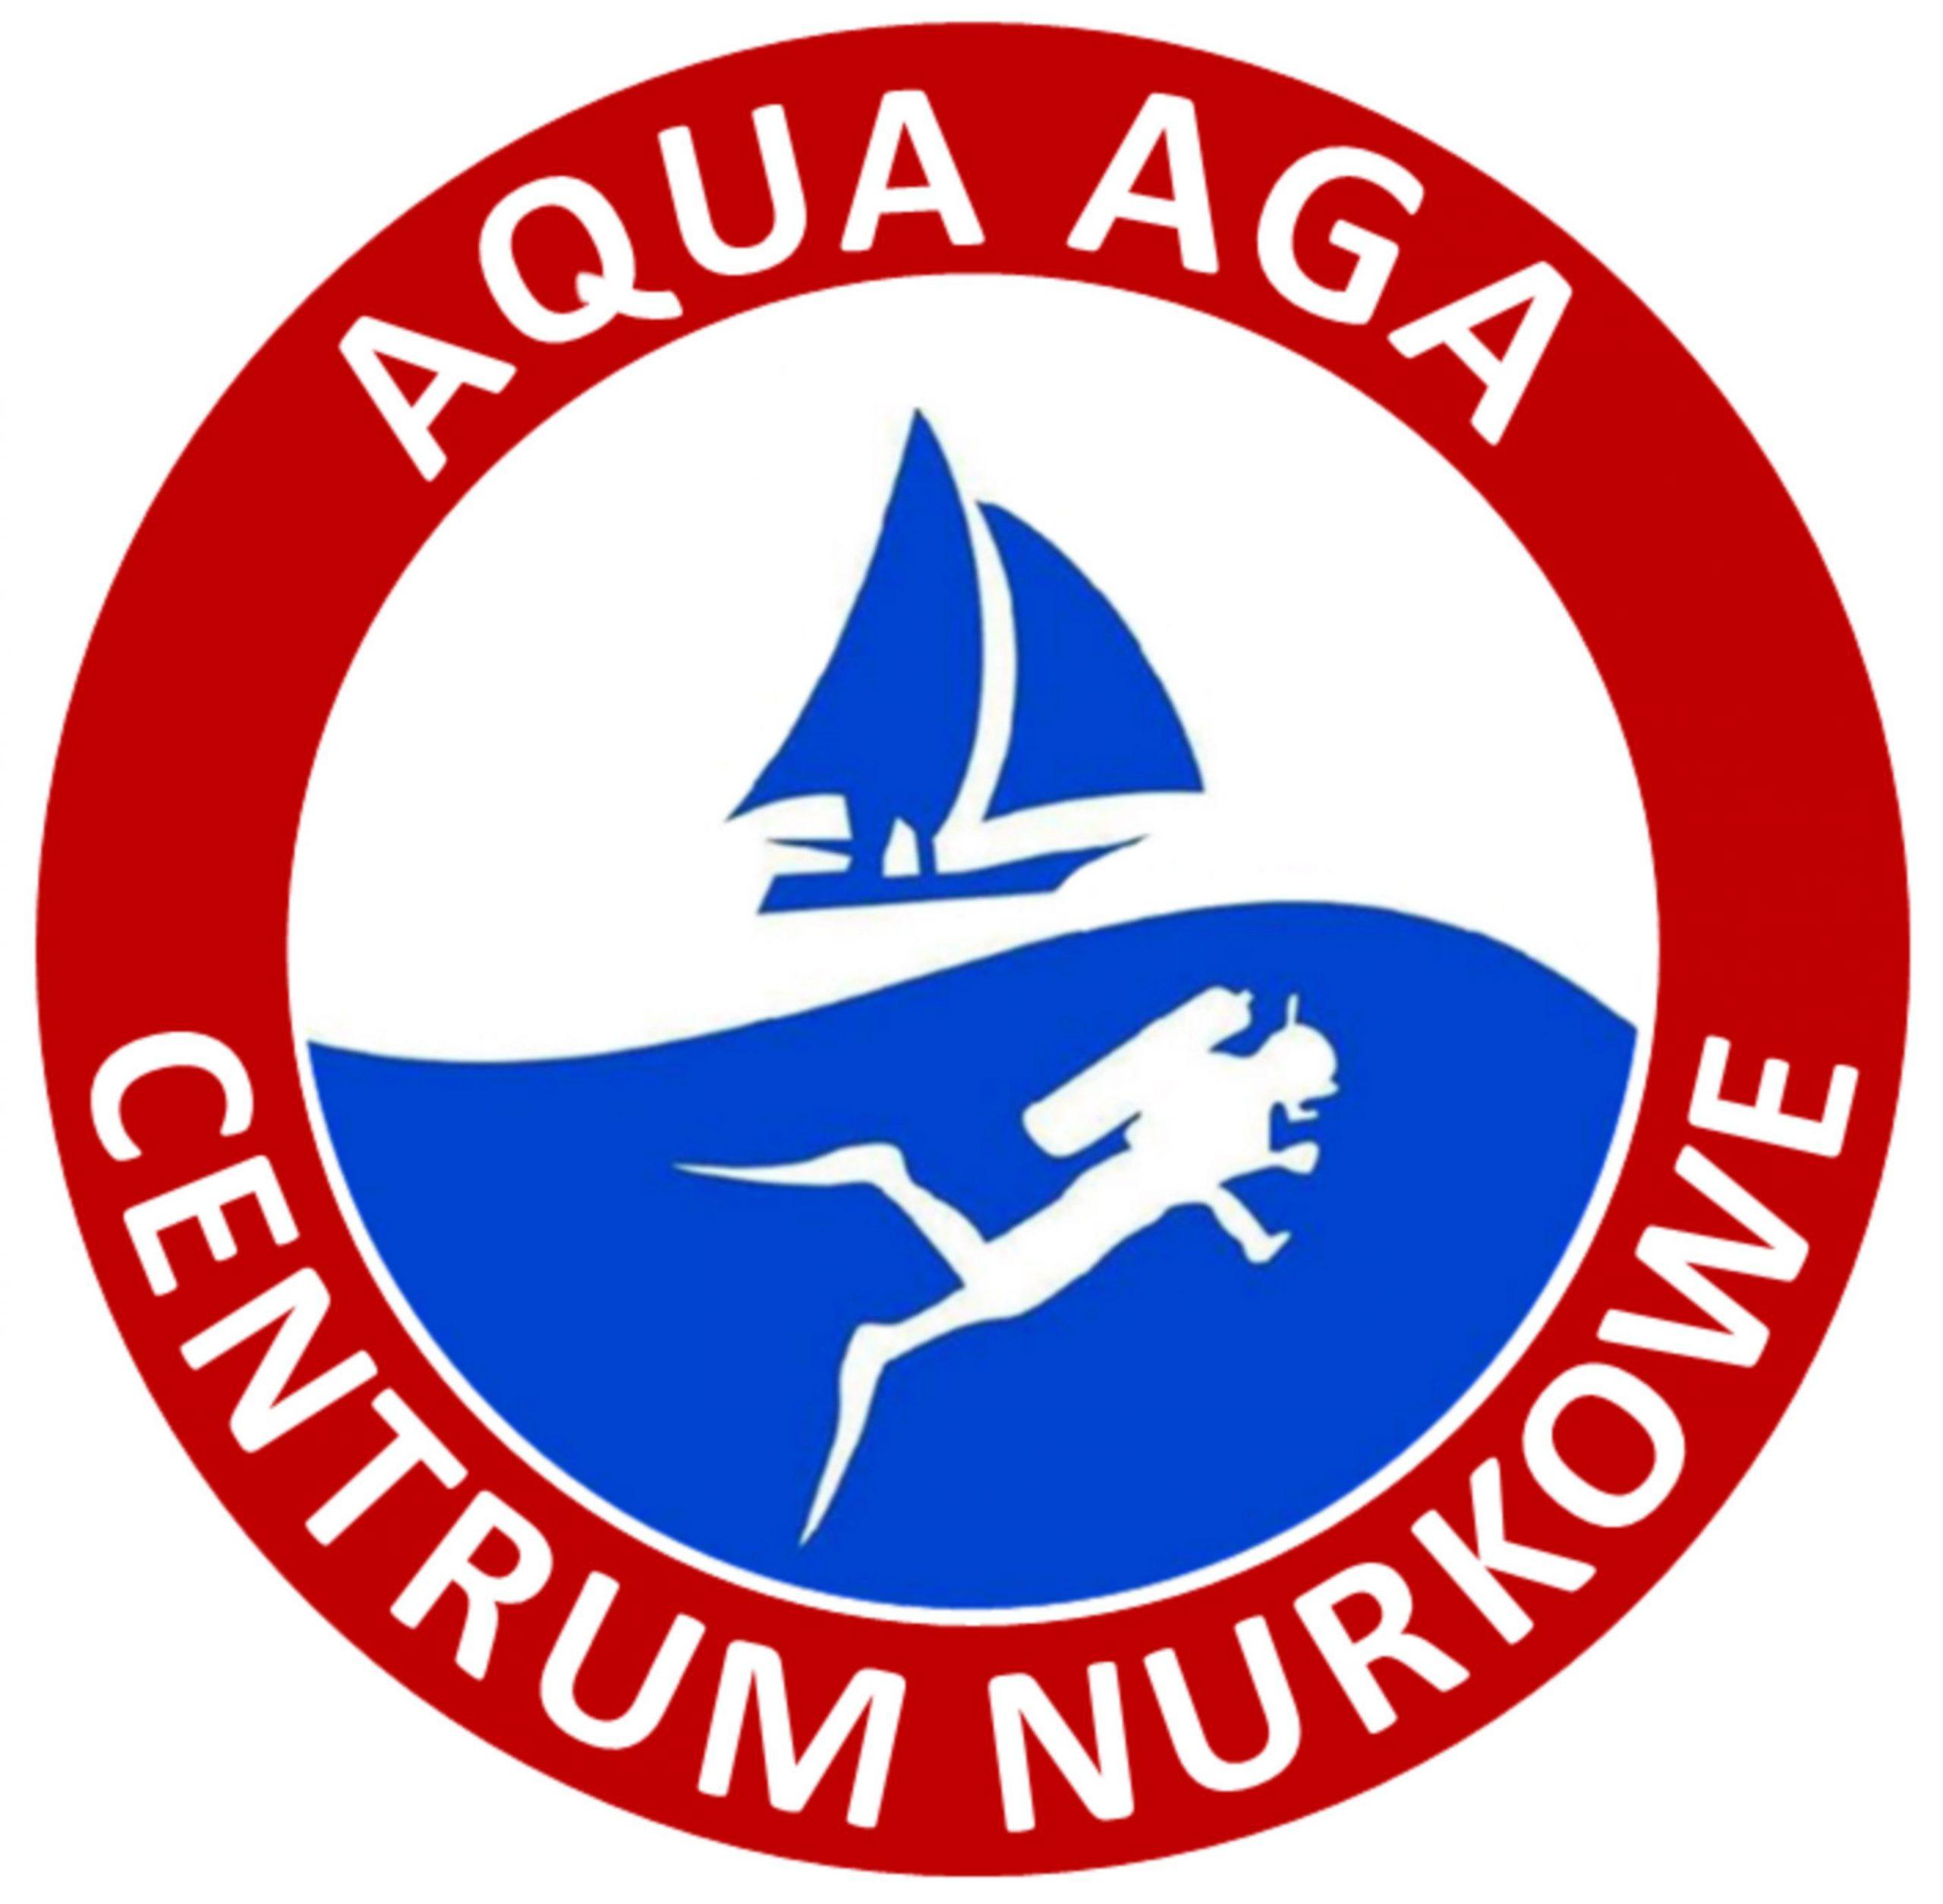 Aqua Aga Centrum Nurkowe